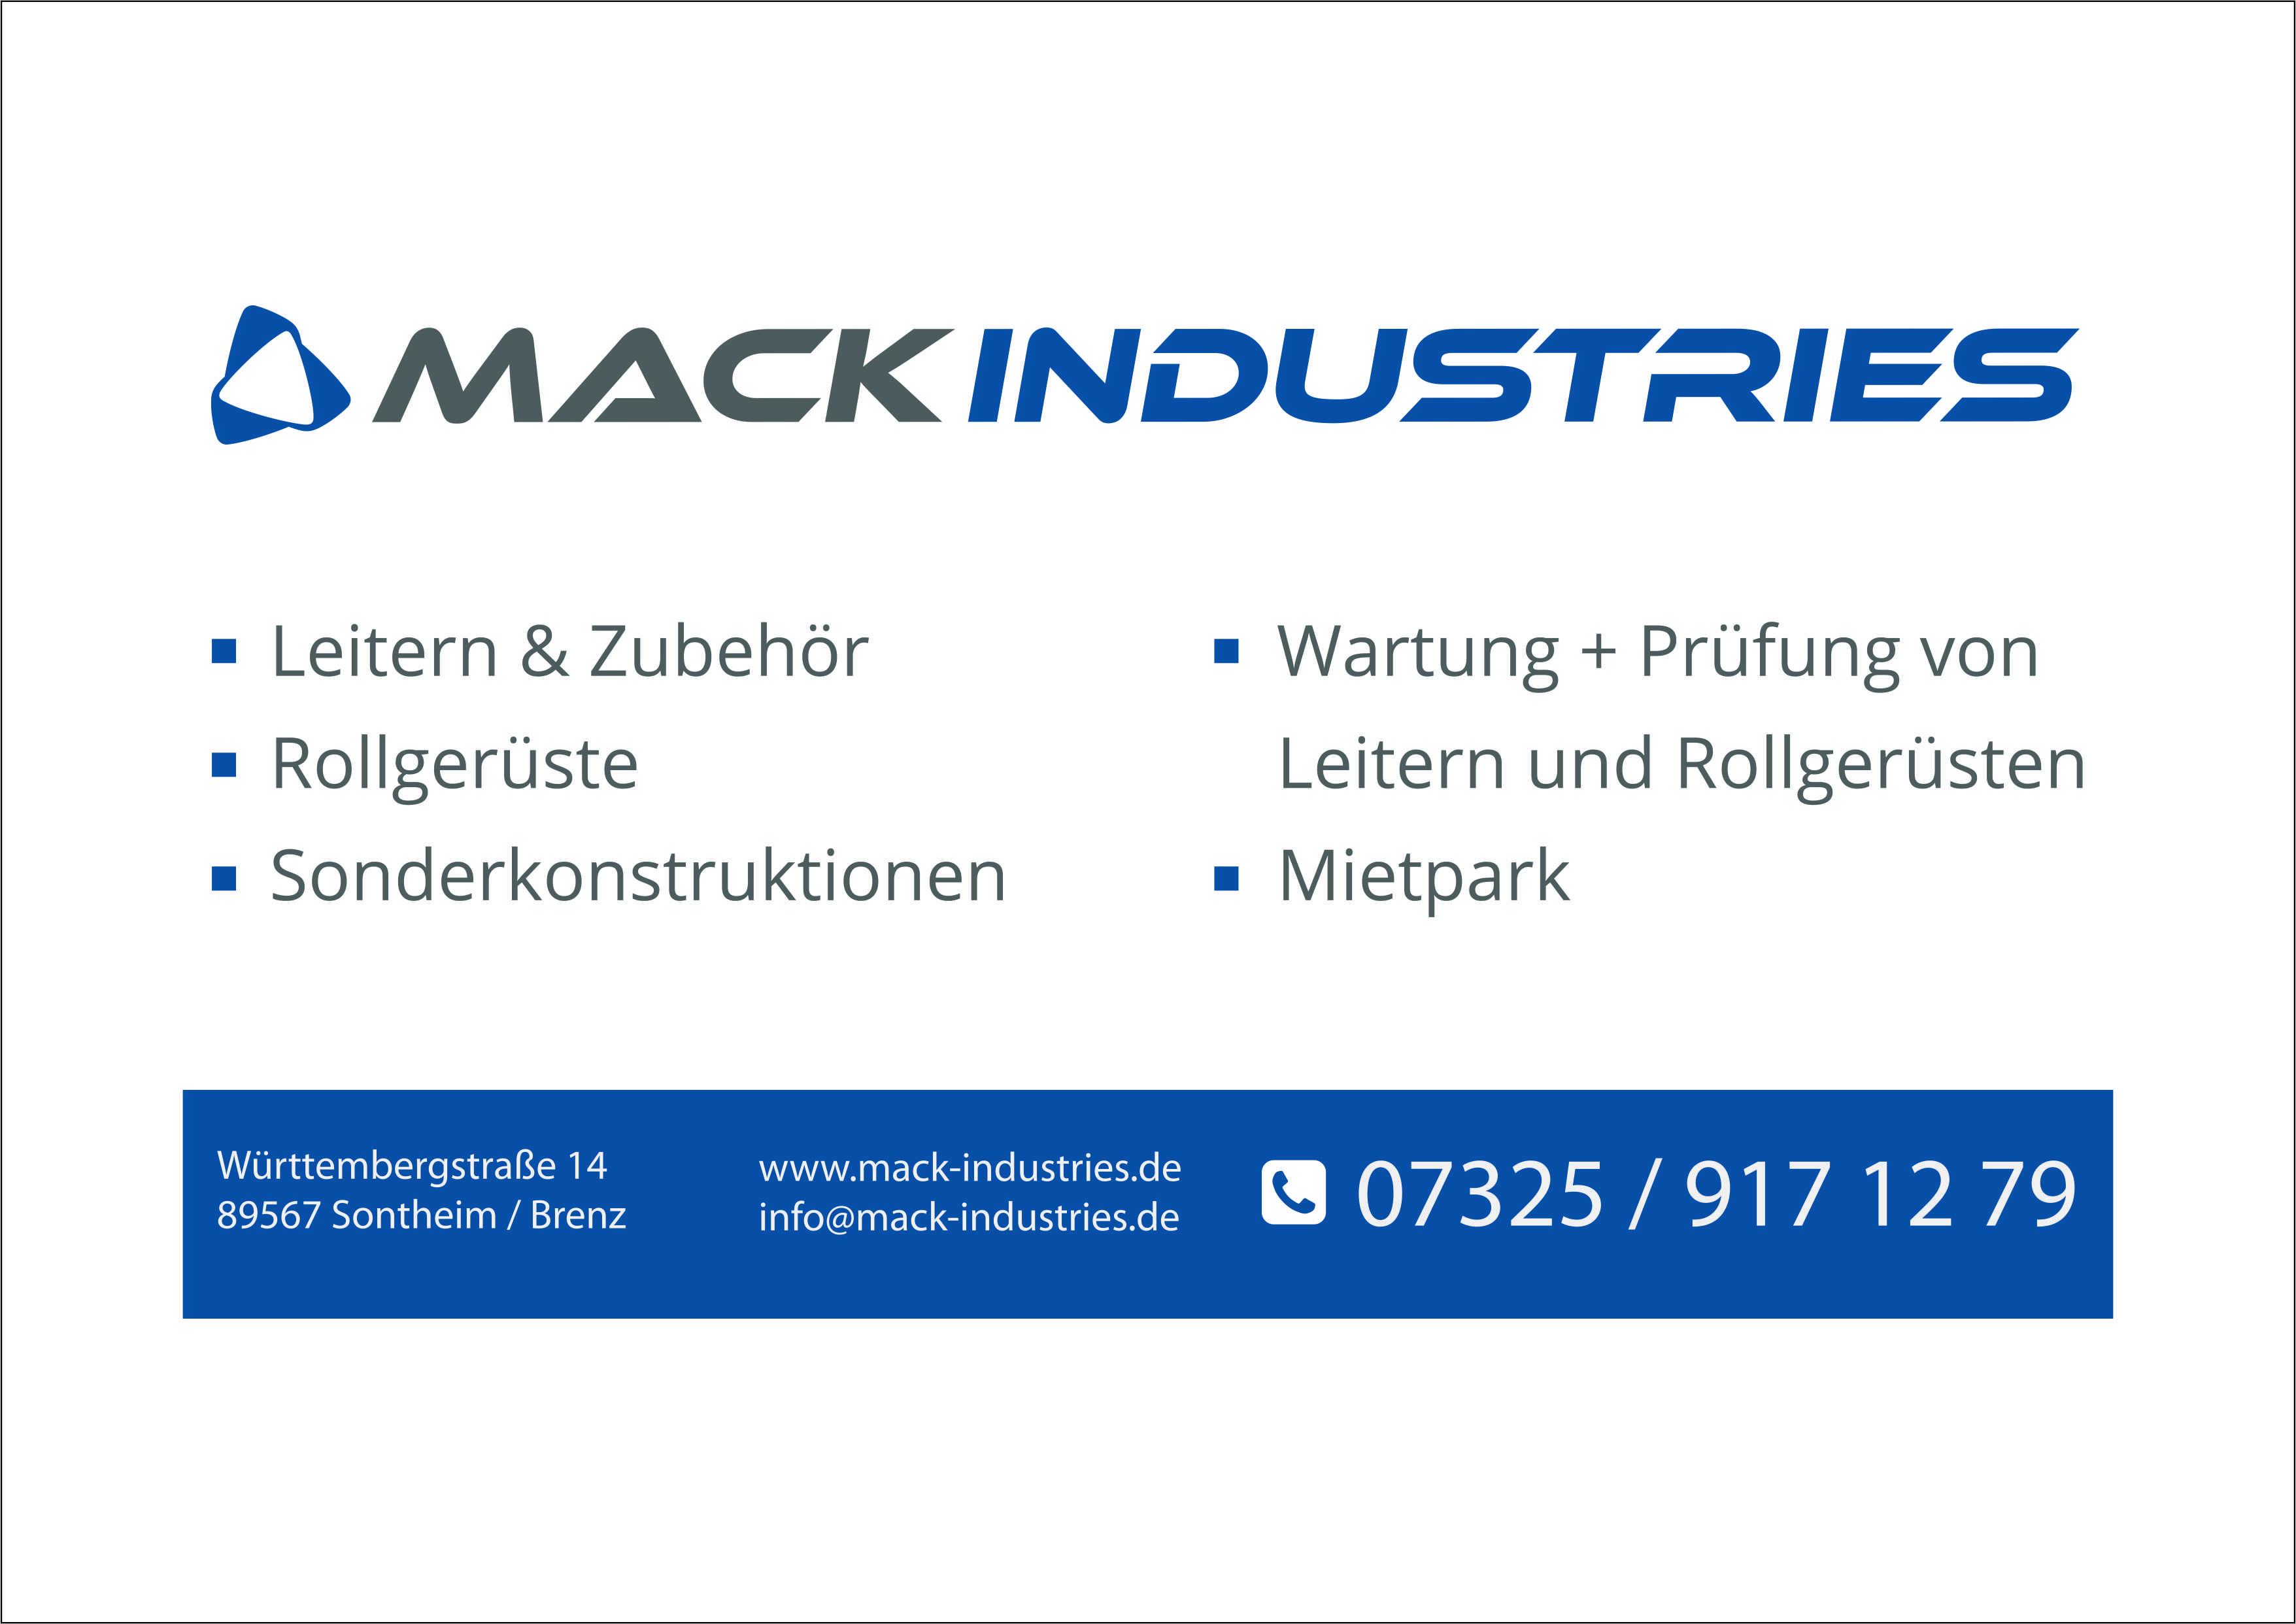 Mack IndustriesMack Industries